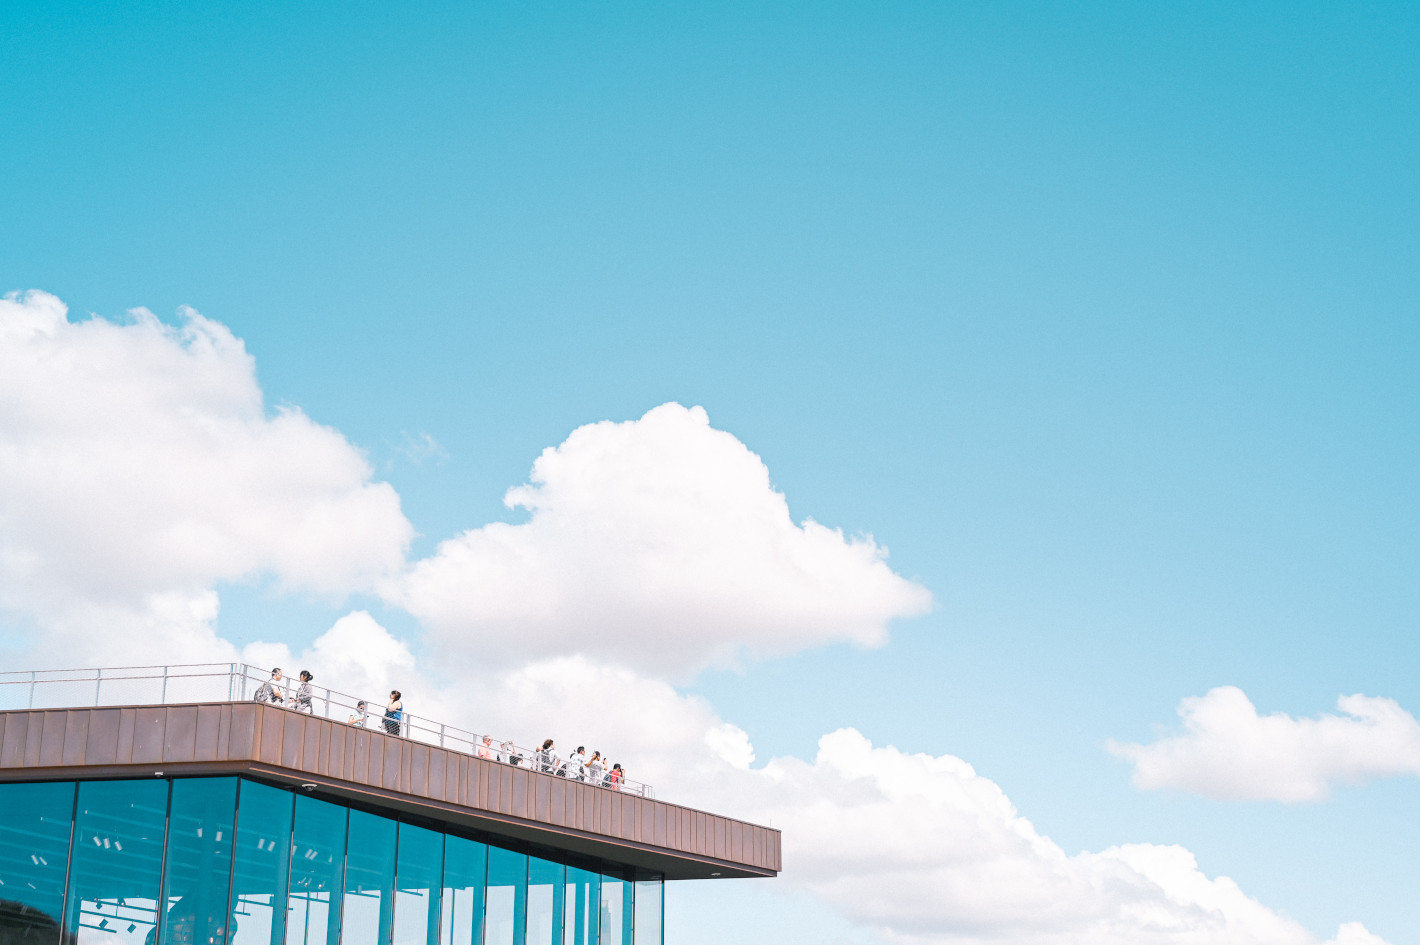 オールドレンズ×ミラーレス – デジタルユーザーを魅了するフィルム調の描写